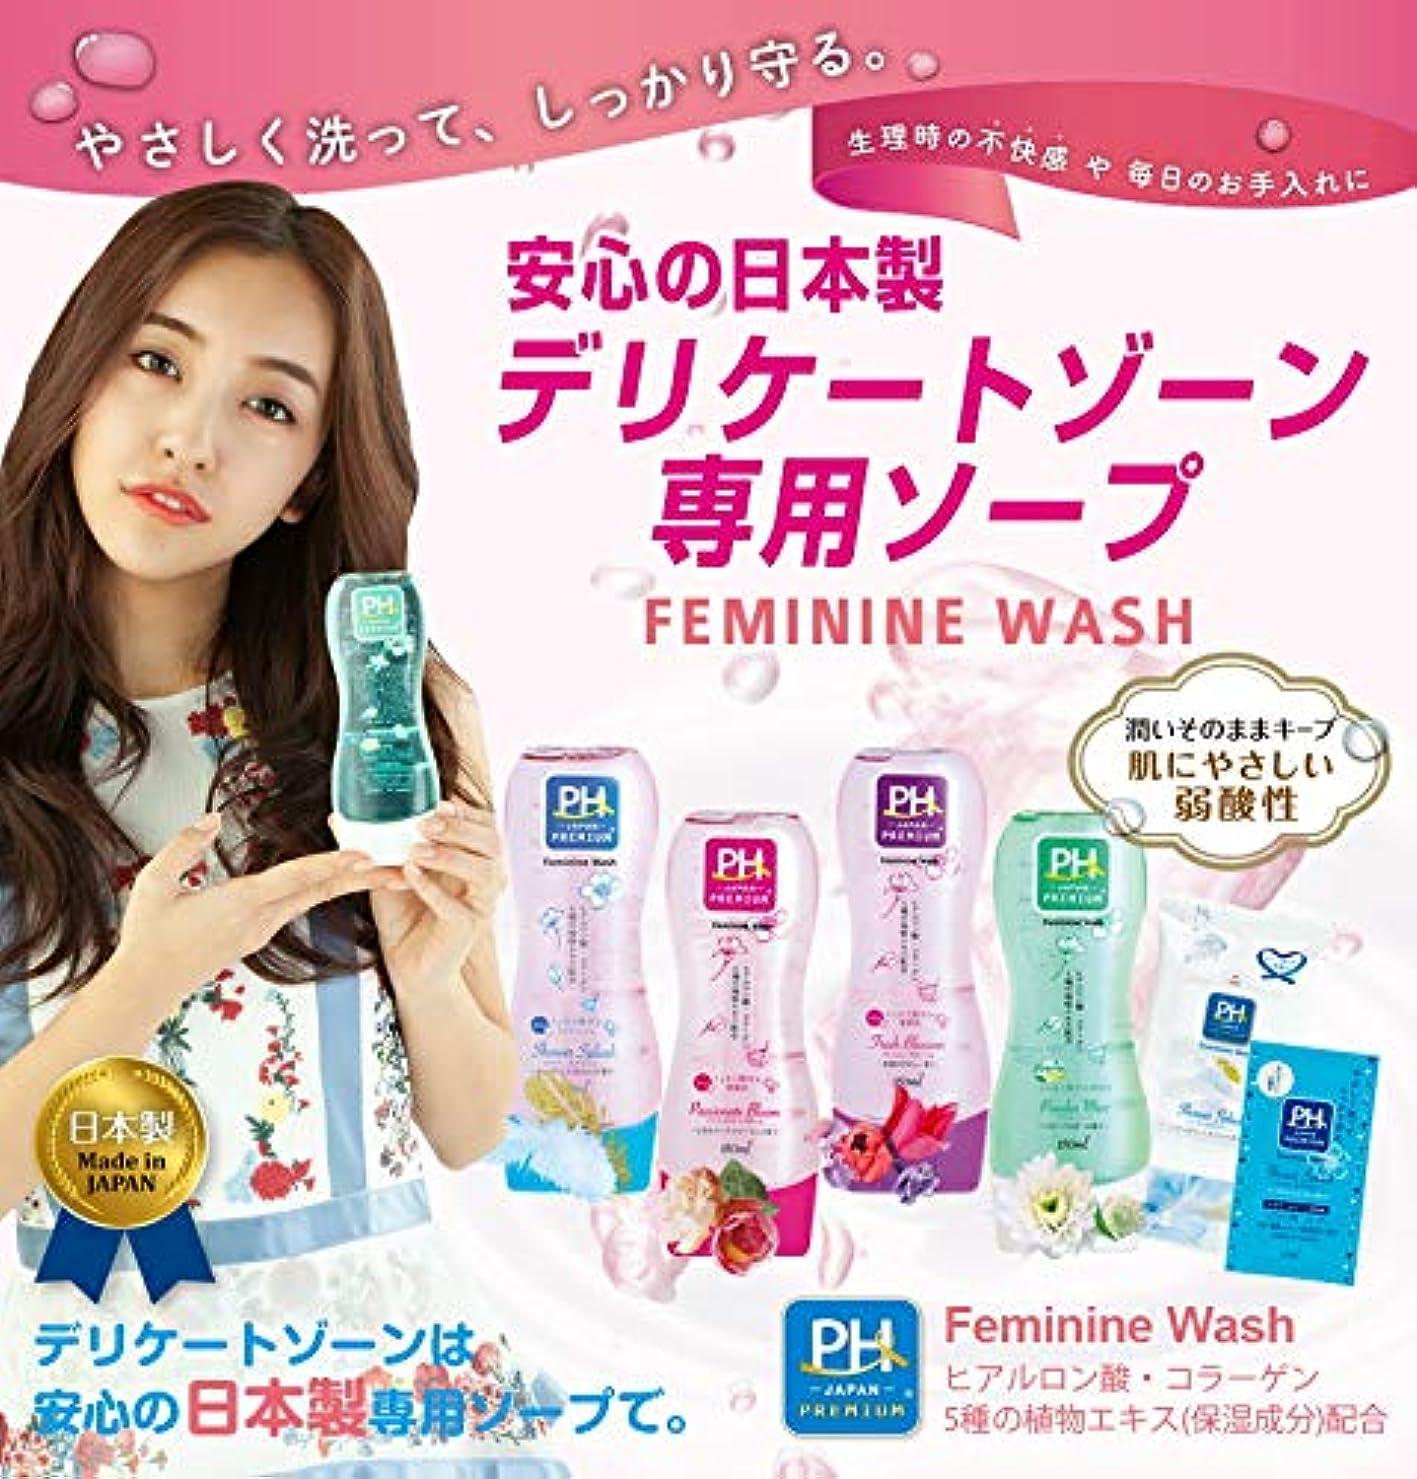 例グラス小道PH JAPAN プレミアム フェミニンウォッシュ パッショネイトブルーム150ml上品なローズフローラルの香り 3本セット